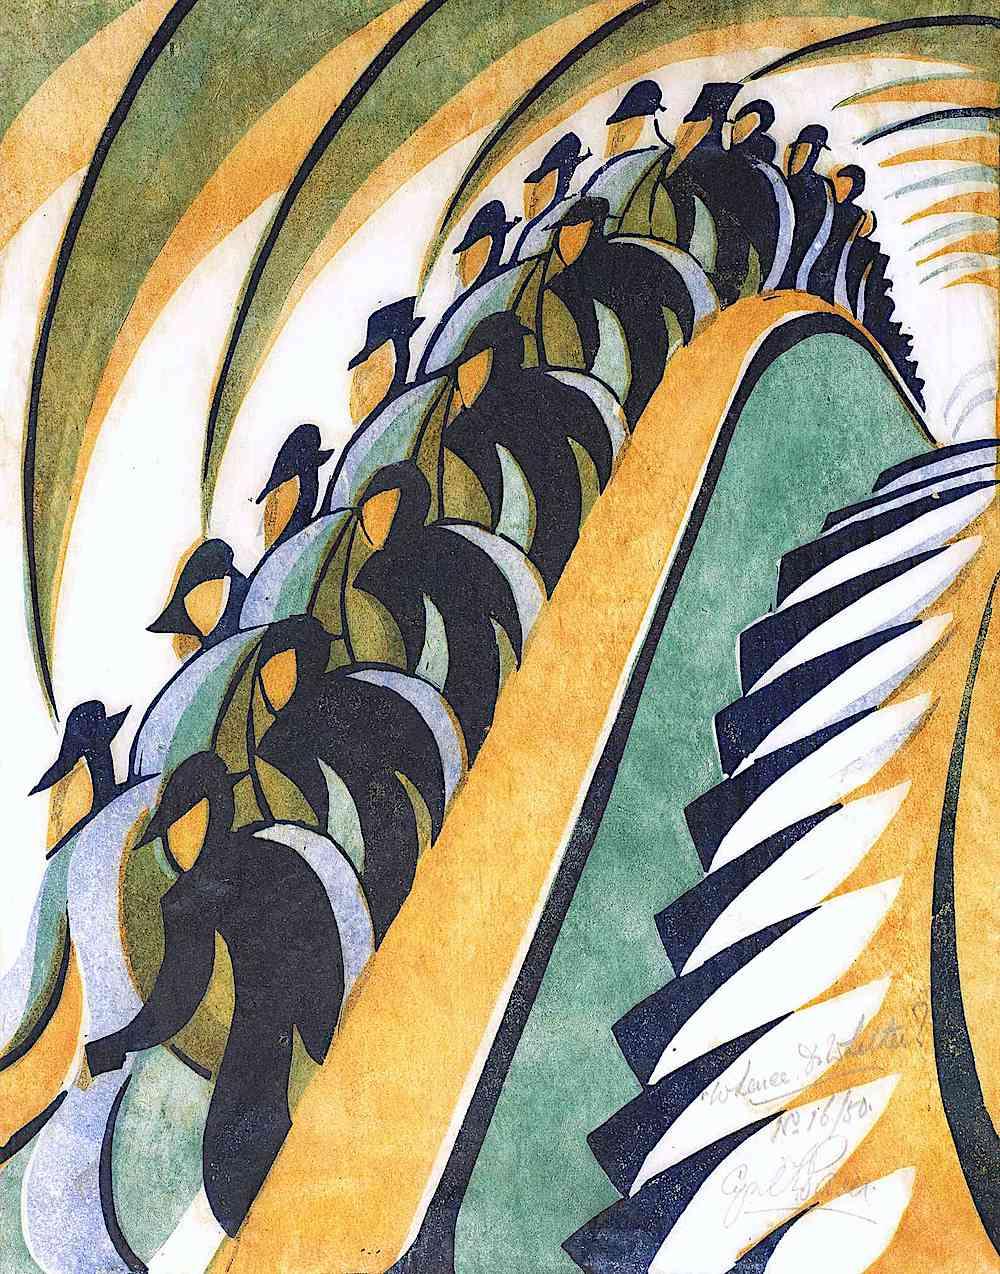 a Cyril Power print, subway escalator